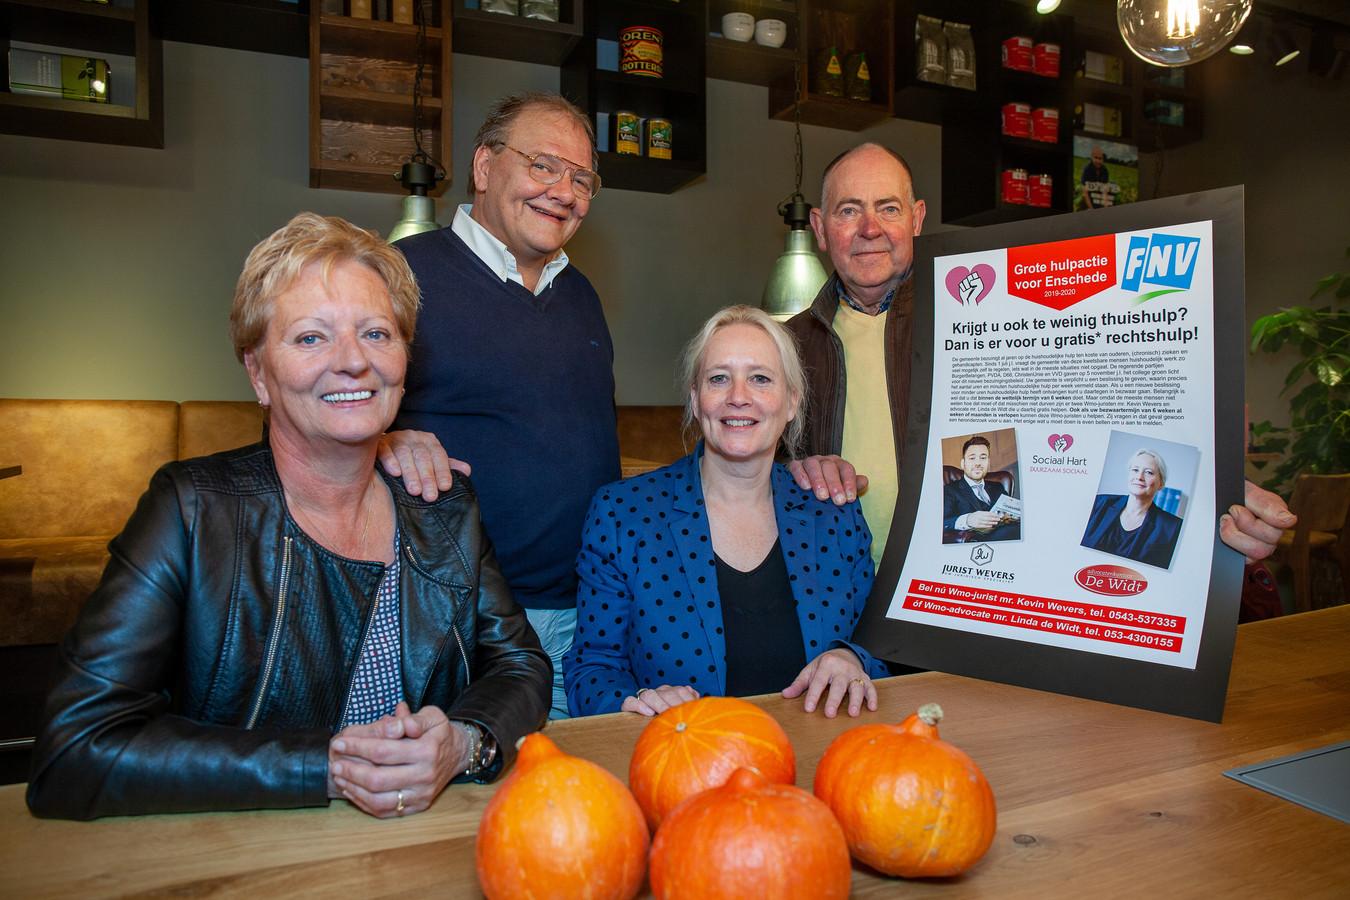 Erica Stinissen (juridisch ondersteuner Jurist Wevers), René Beunders (Sociaal Hart Enshede), mr. Linda de Widt (Advocatenkantoor de Widt) en Herman Gooiker (FNV Lokaal Enschede) gaan de strijd aan met het thuishulpbeleid van Enschede.